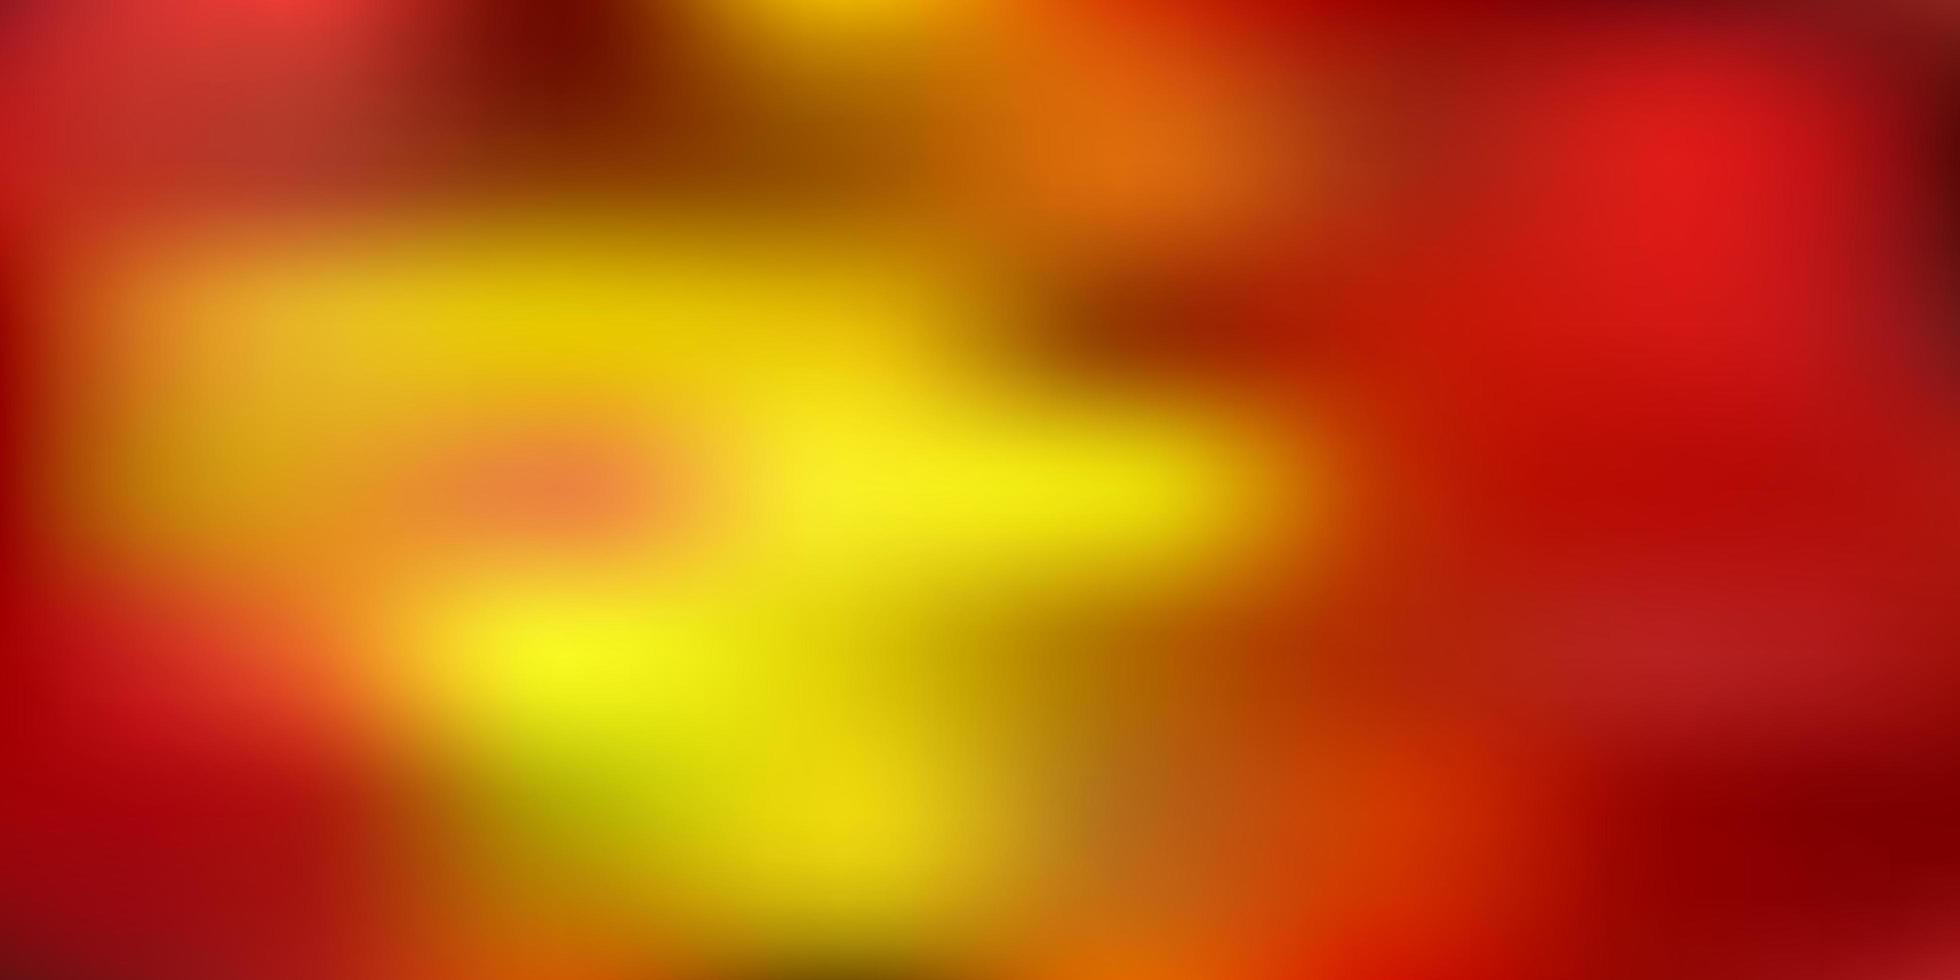 textura de borrão gradiente vermelho e amarelo escuro do vetor. vetor